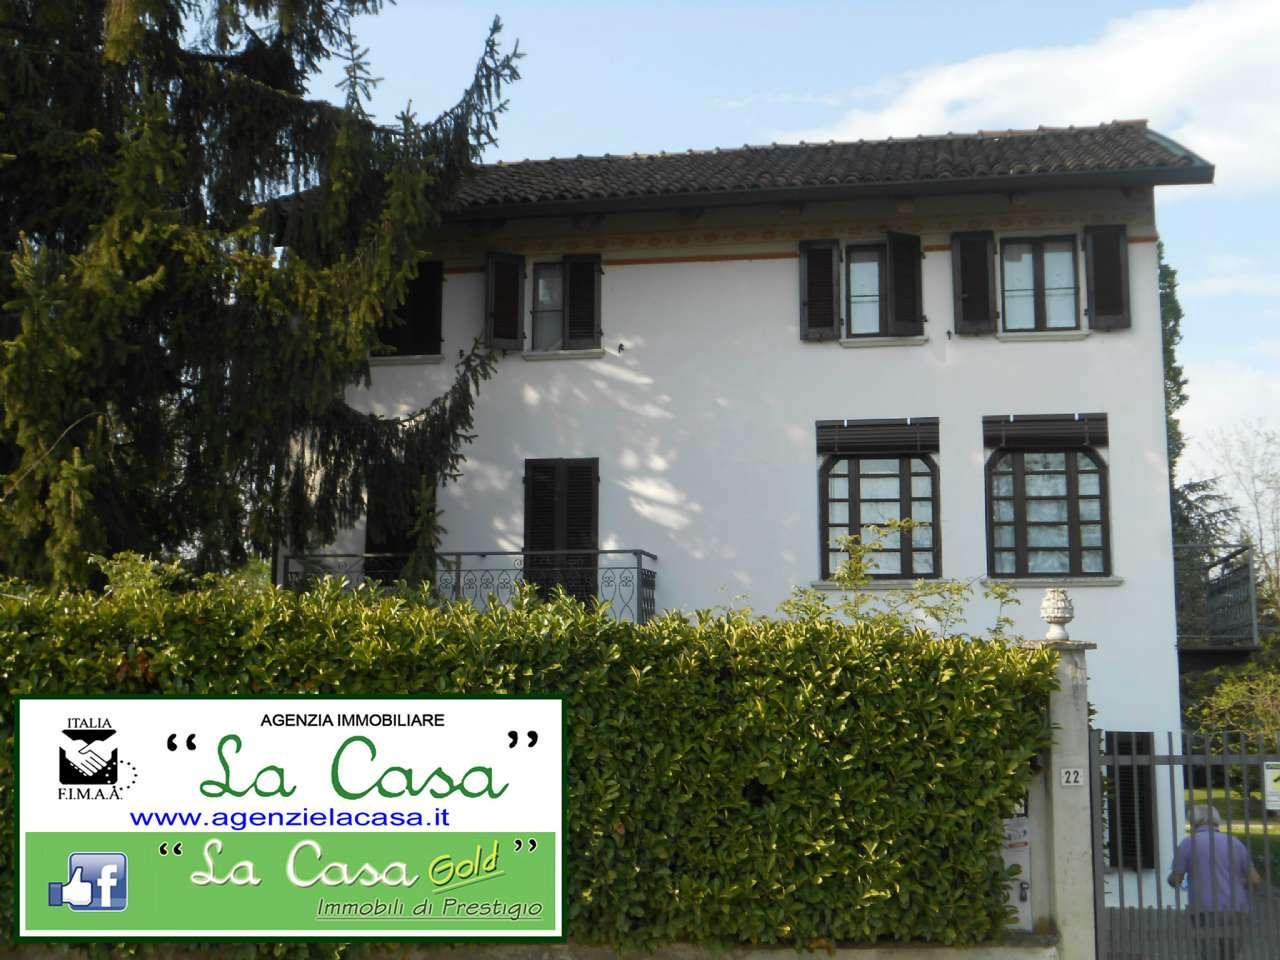 Soluzione Indipendente in vendita a Arignano, 12 locali, prezzo € 395.000 | CambioCasa.it